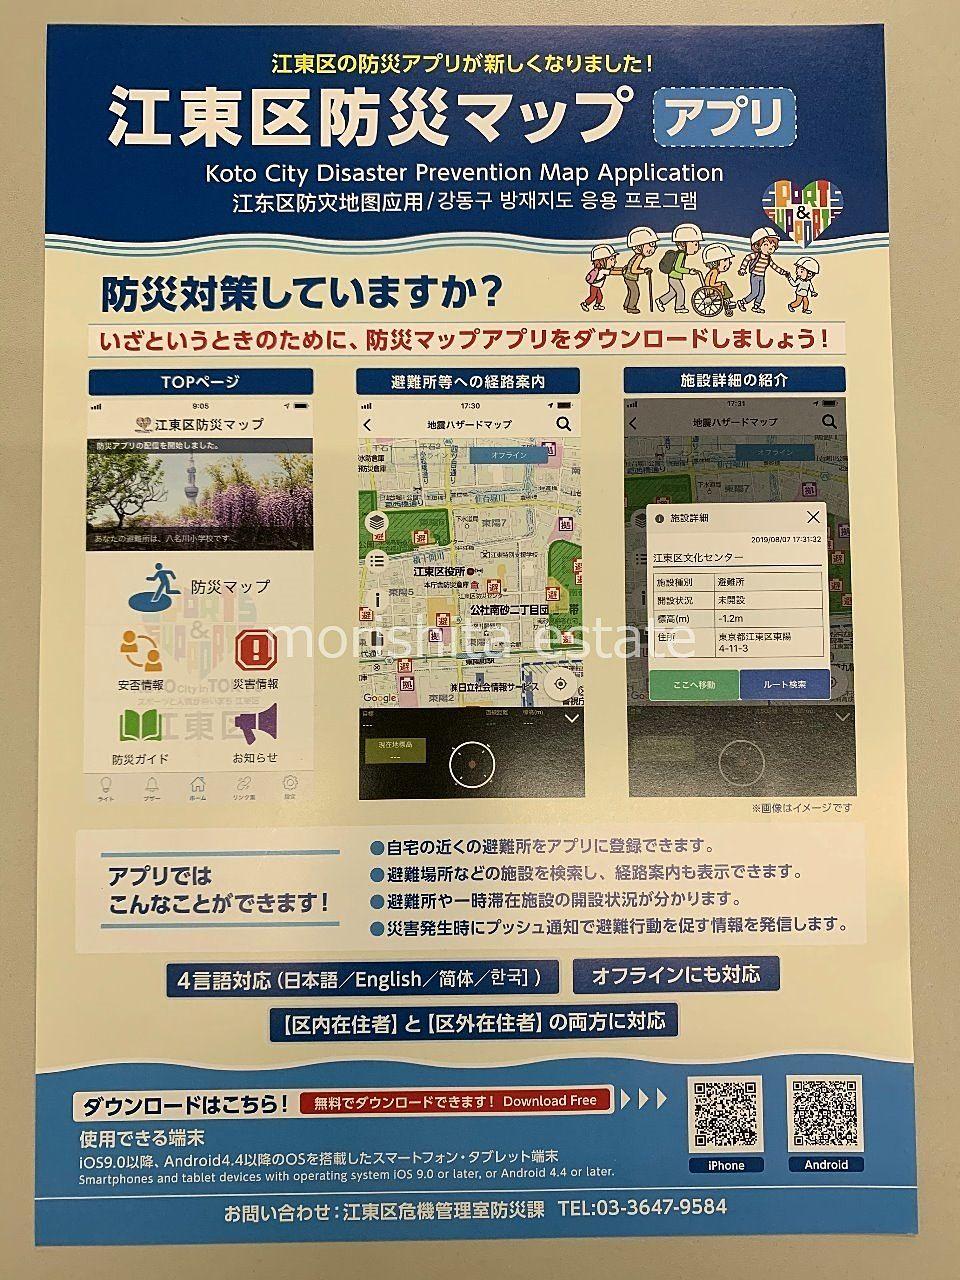 江東区防災マップ 水害 台風 災害 避難施設 写真